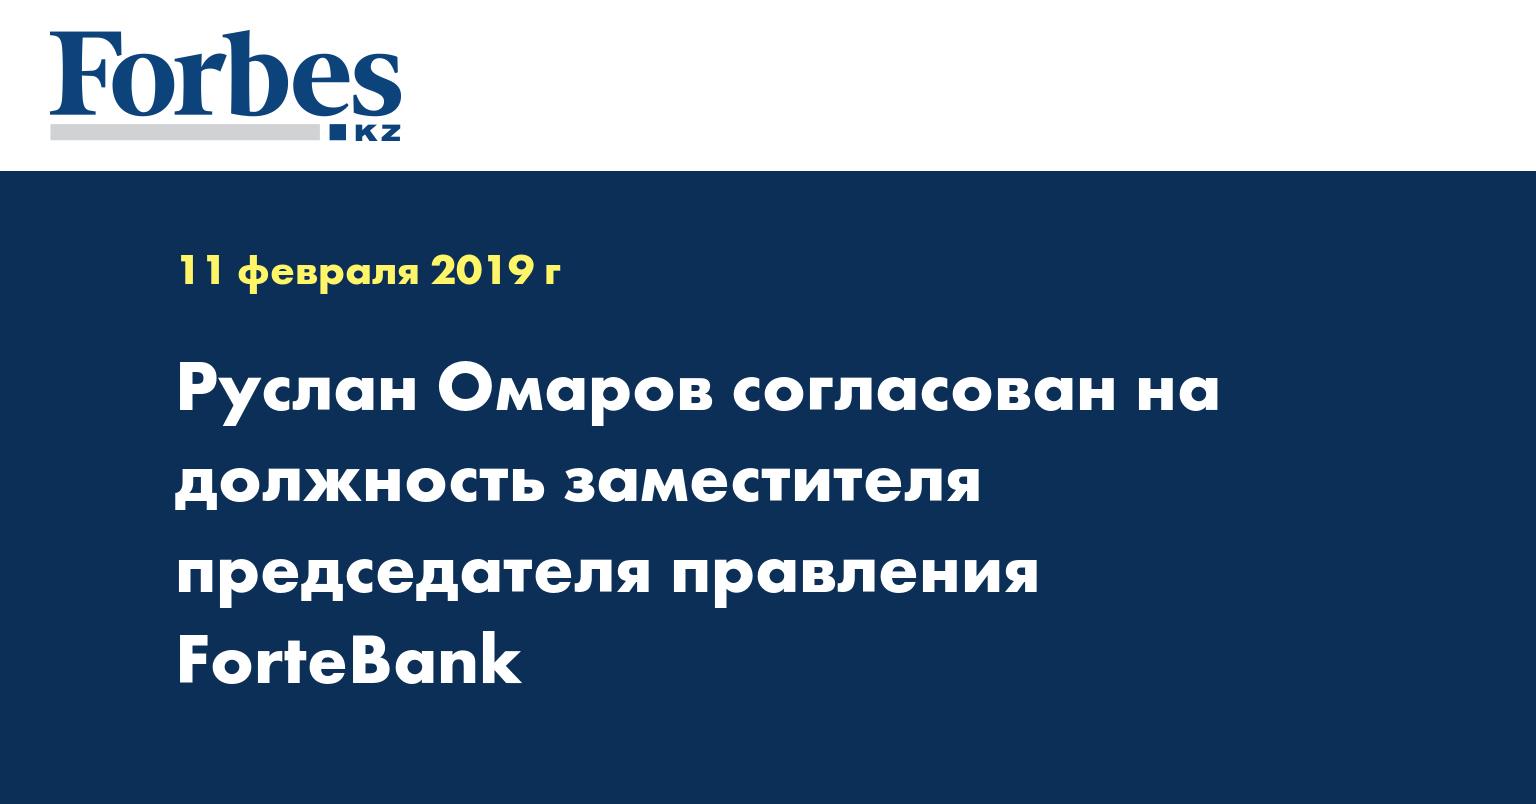 Руслан Омаров согласован на должность заместителя председателя правления ForteBank